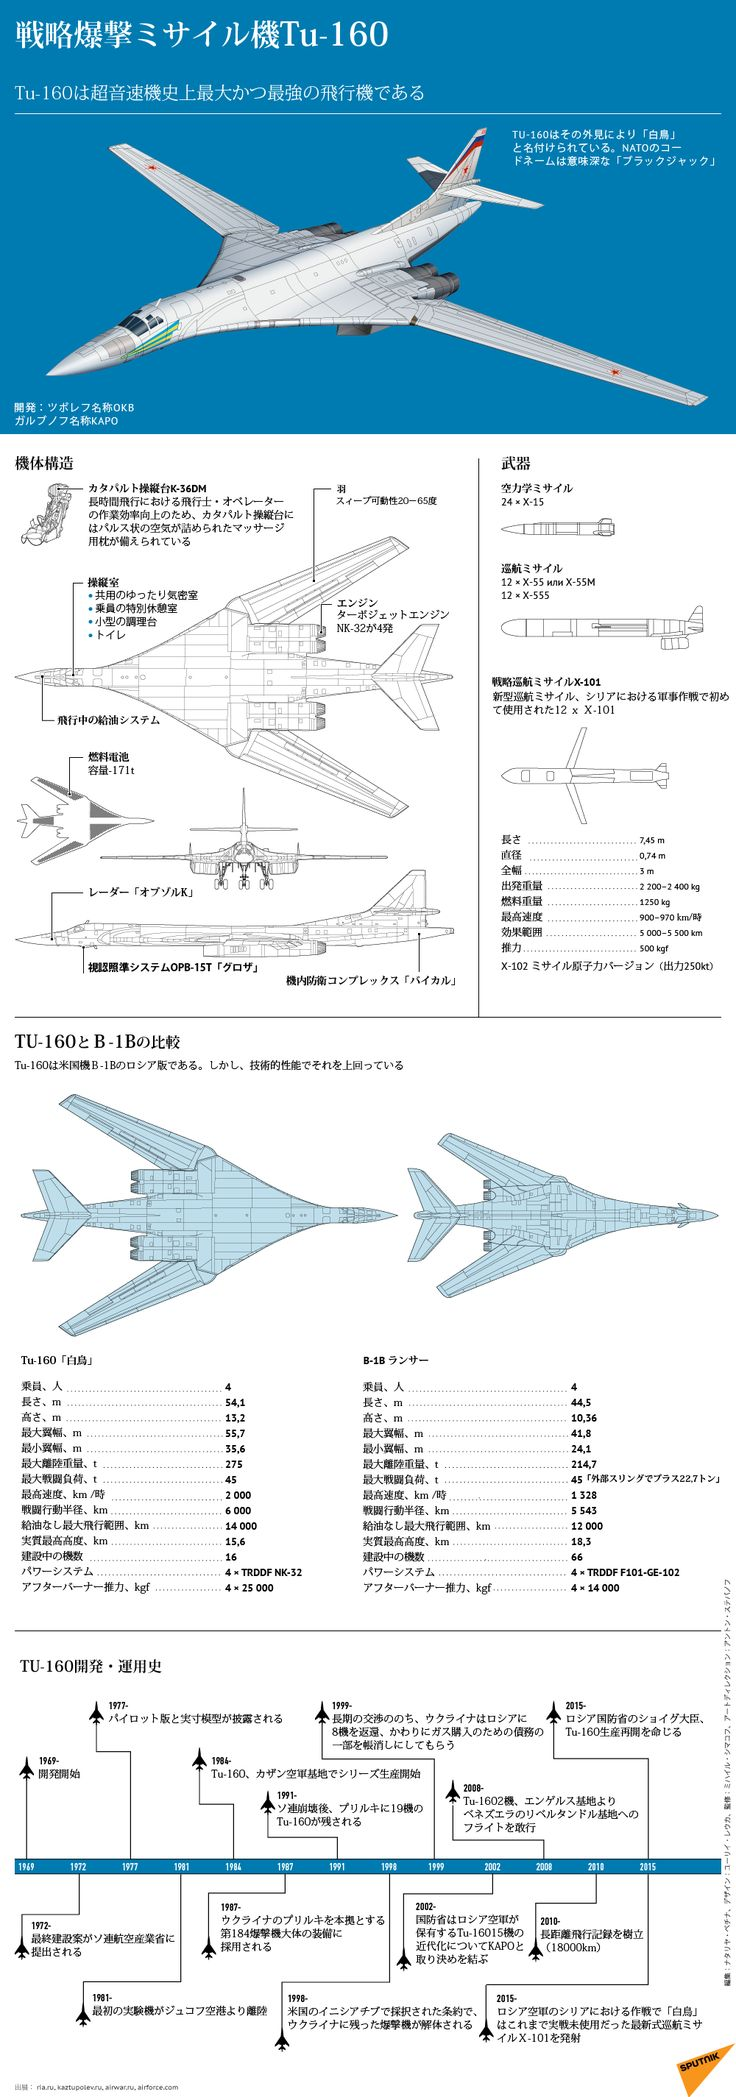 戦略爆撃ミサイル機Tu-160